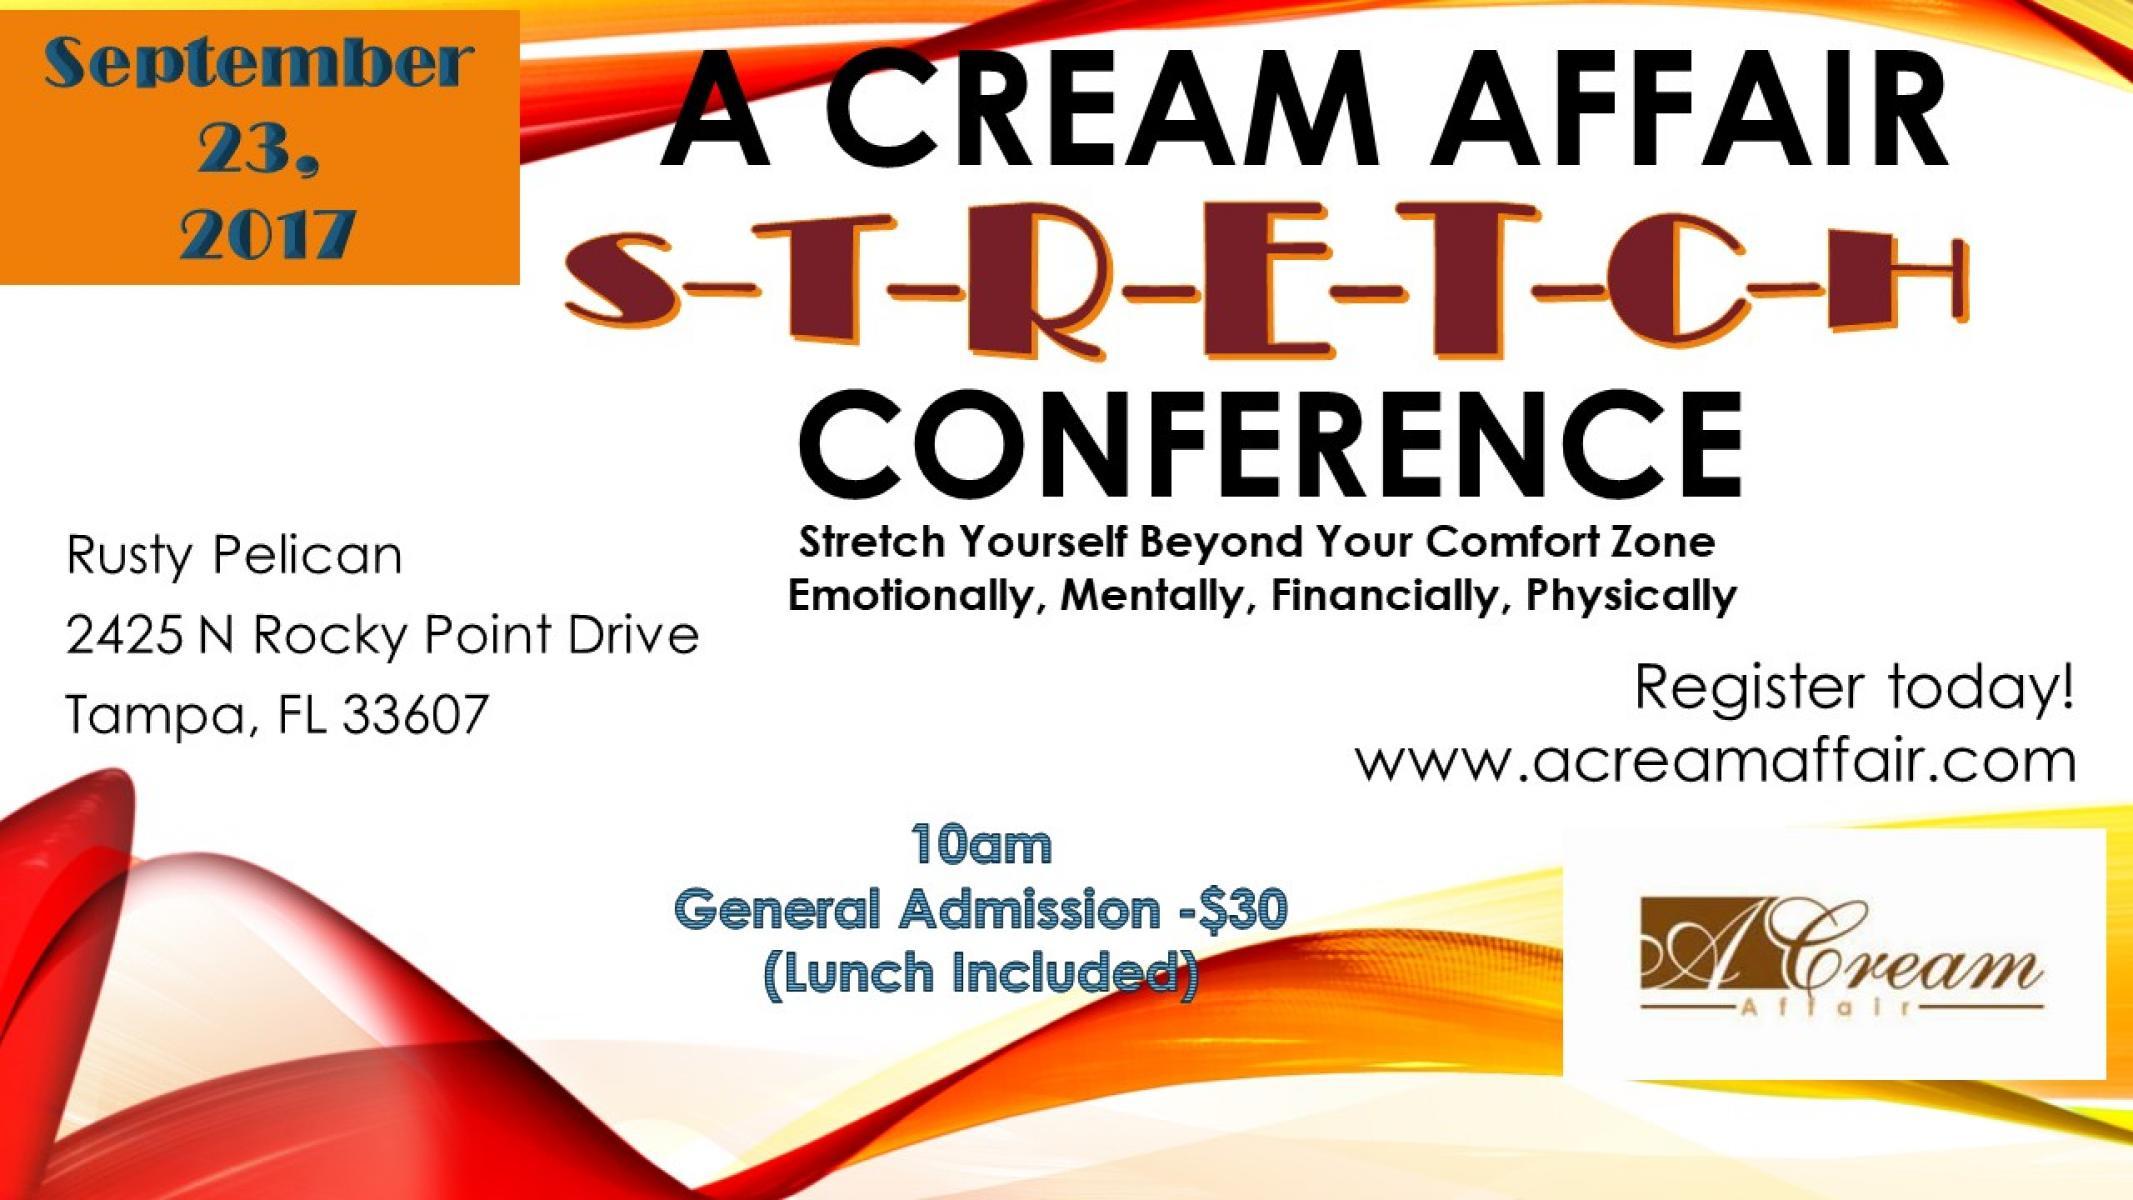 A Cream Affair Stretch Conference